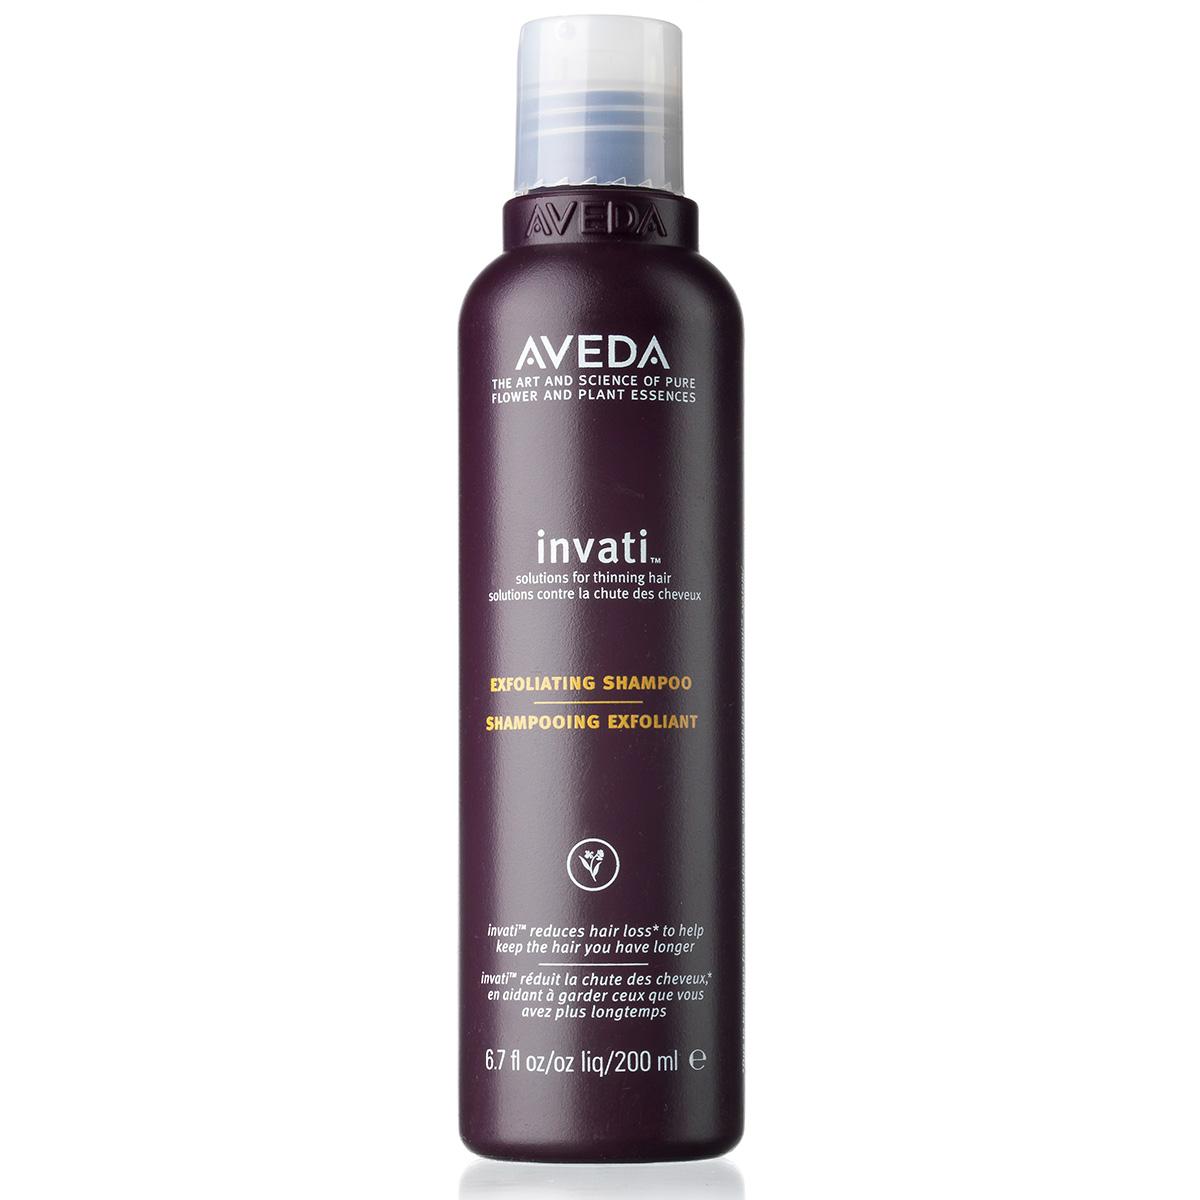 Billede af Aveda Invati Exfoliating Shampoo - 200 ml